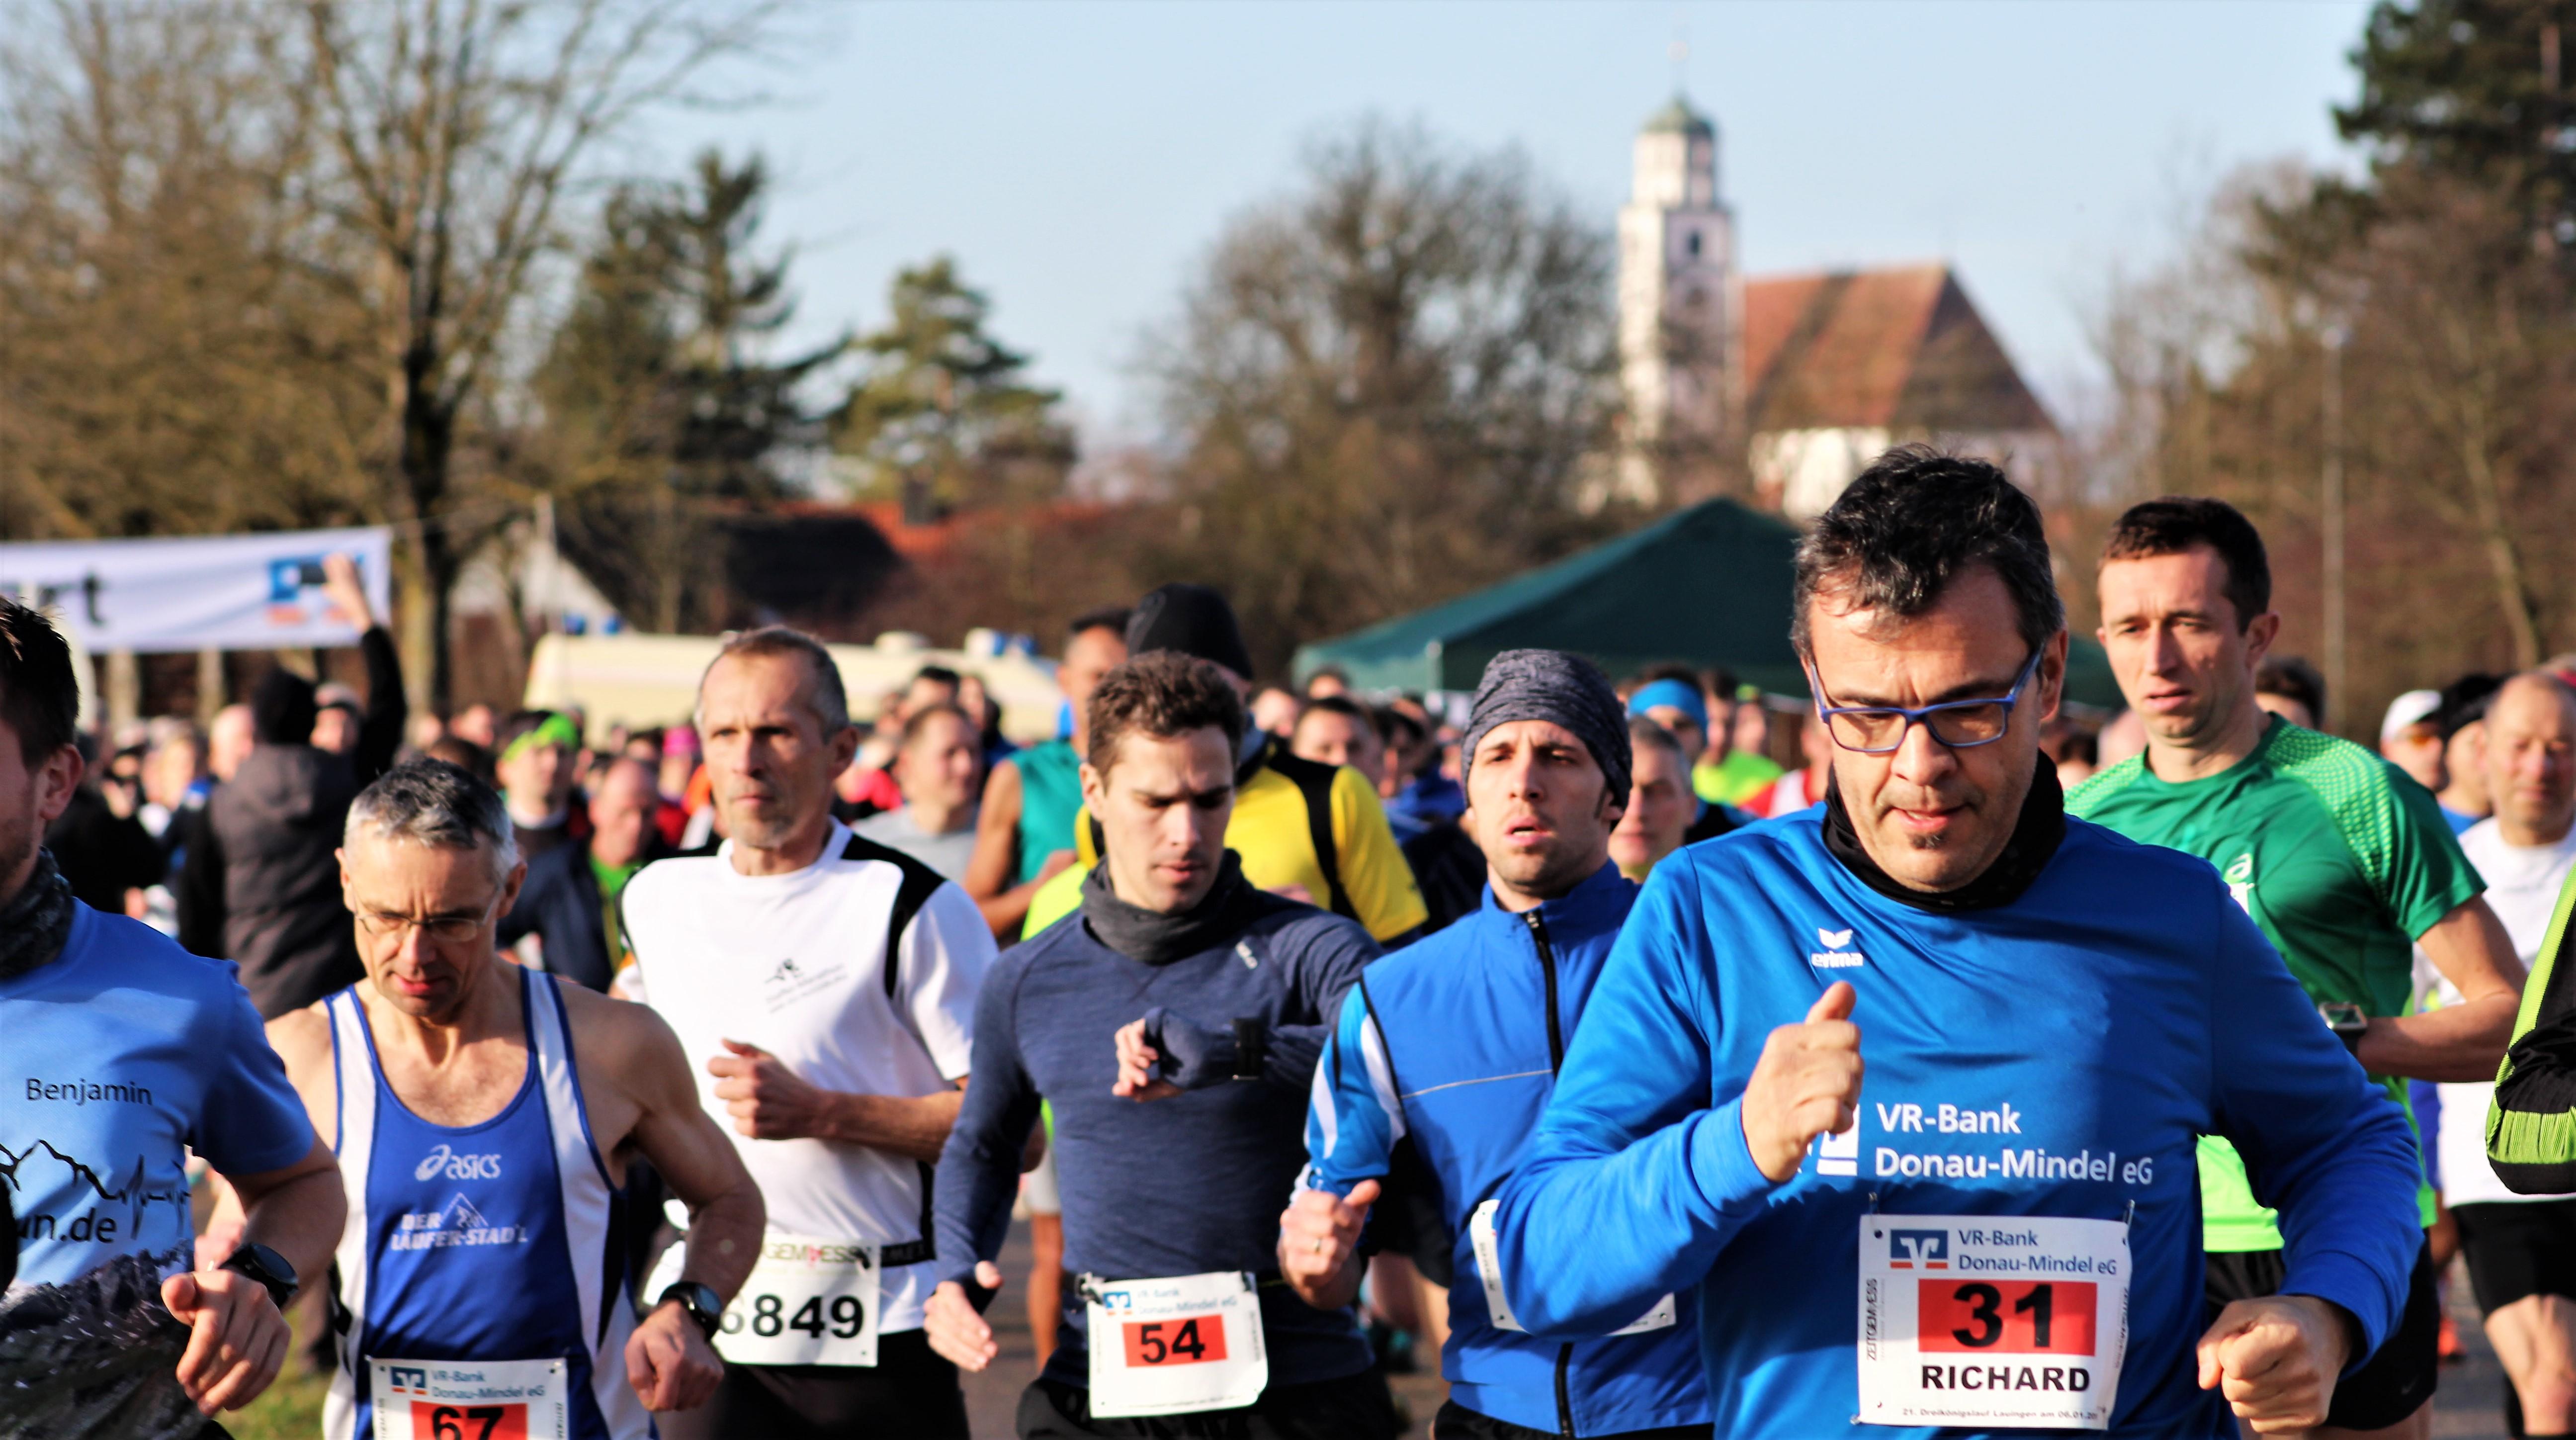 Start - Warum Theo nicht den Halbmarathon lief